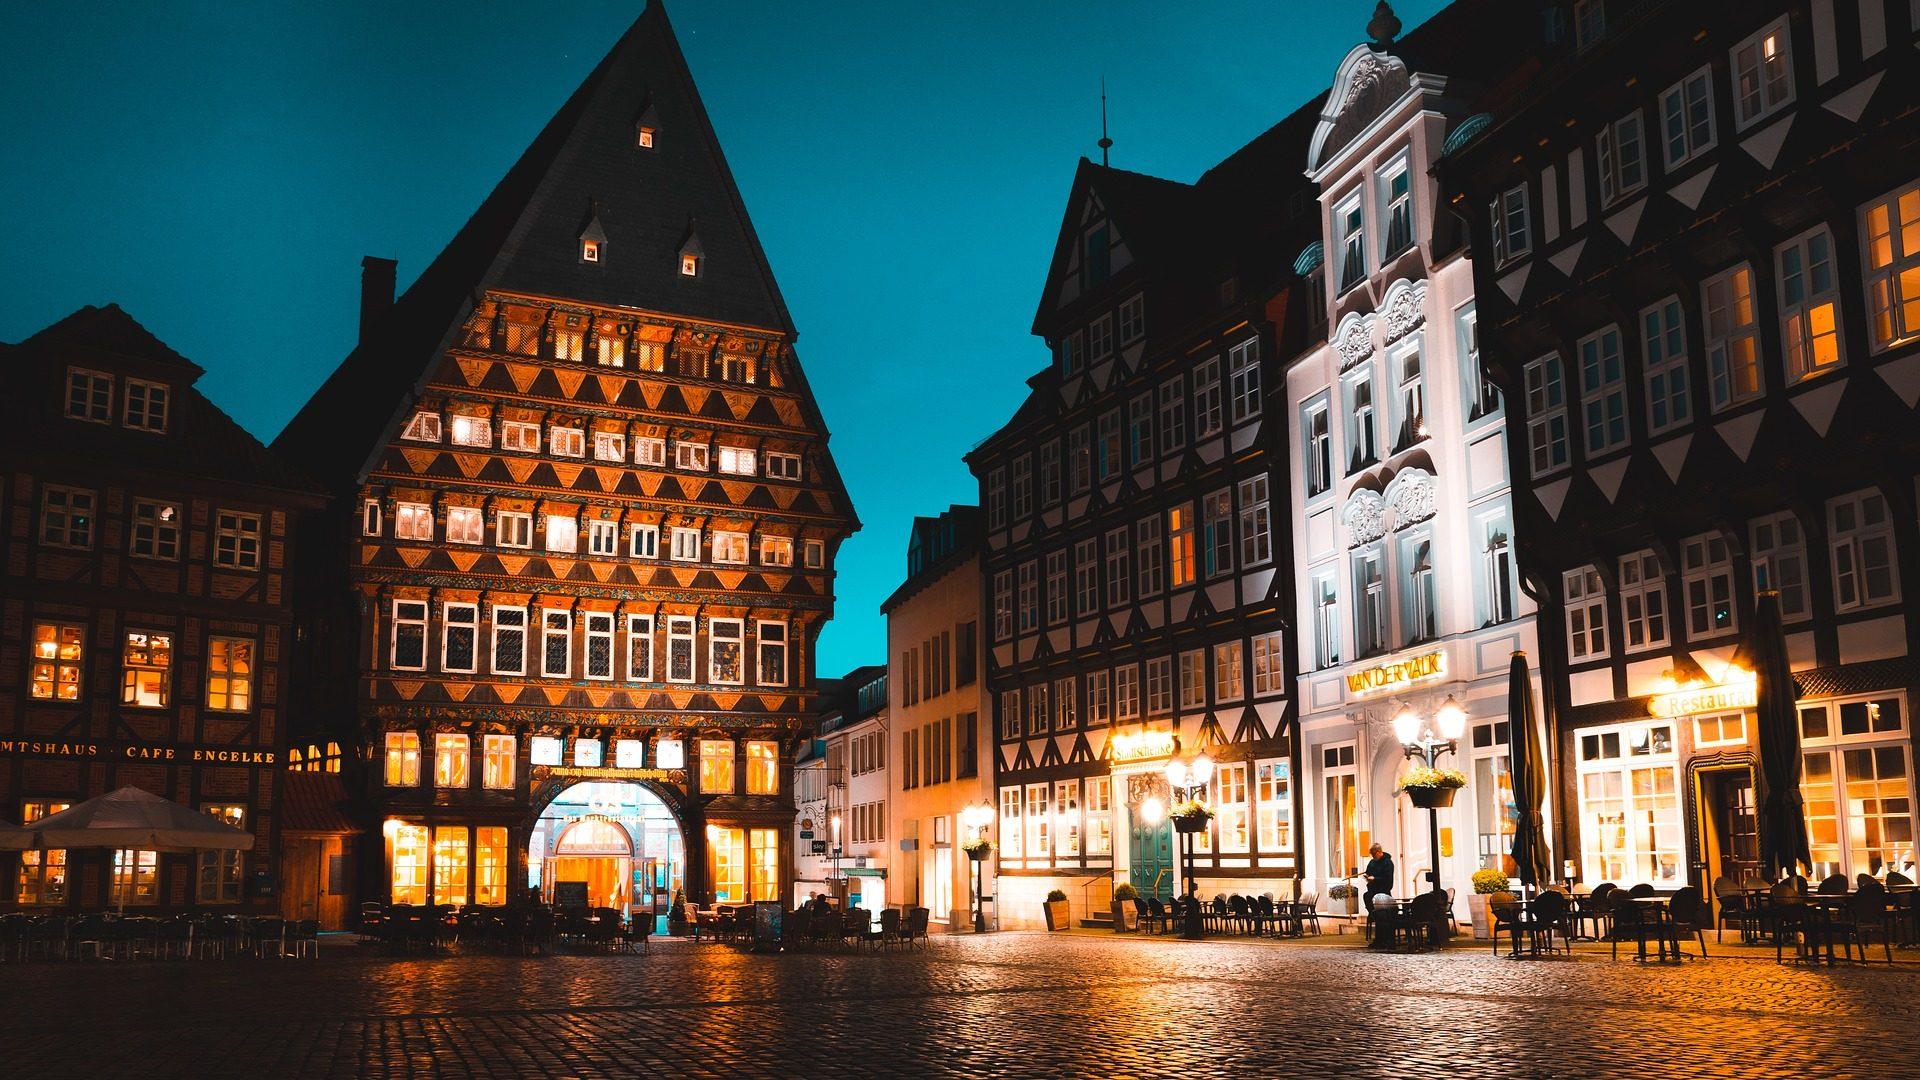 Città, edifici, notte, luci, Hildesheim, Germania - Sfondi HD - Professor-falken.com